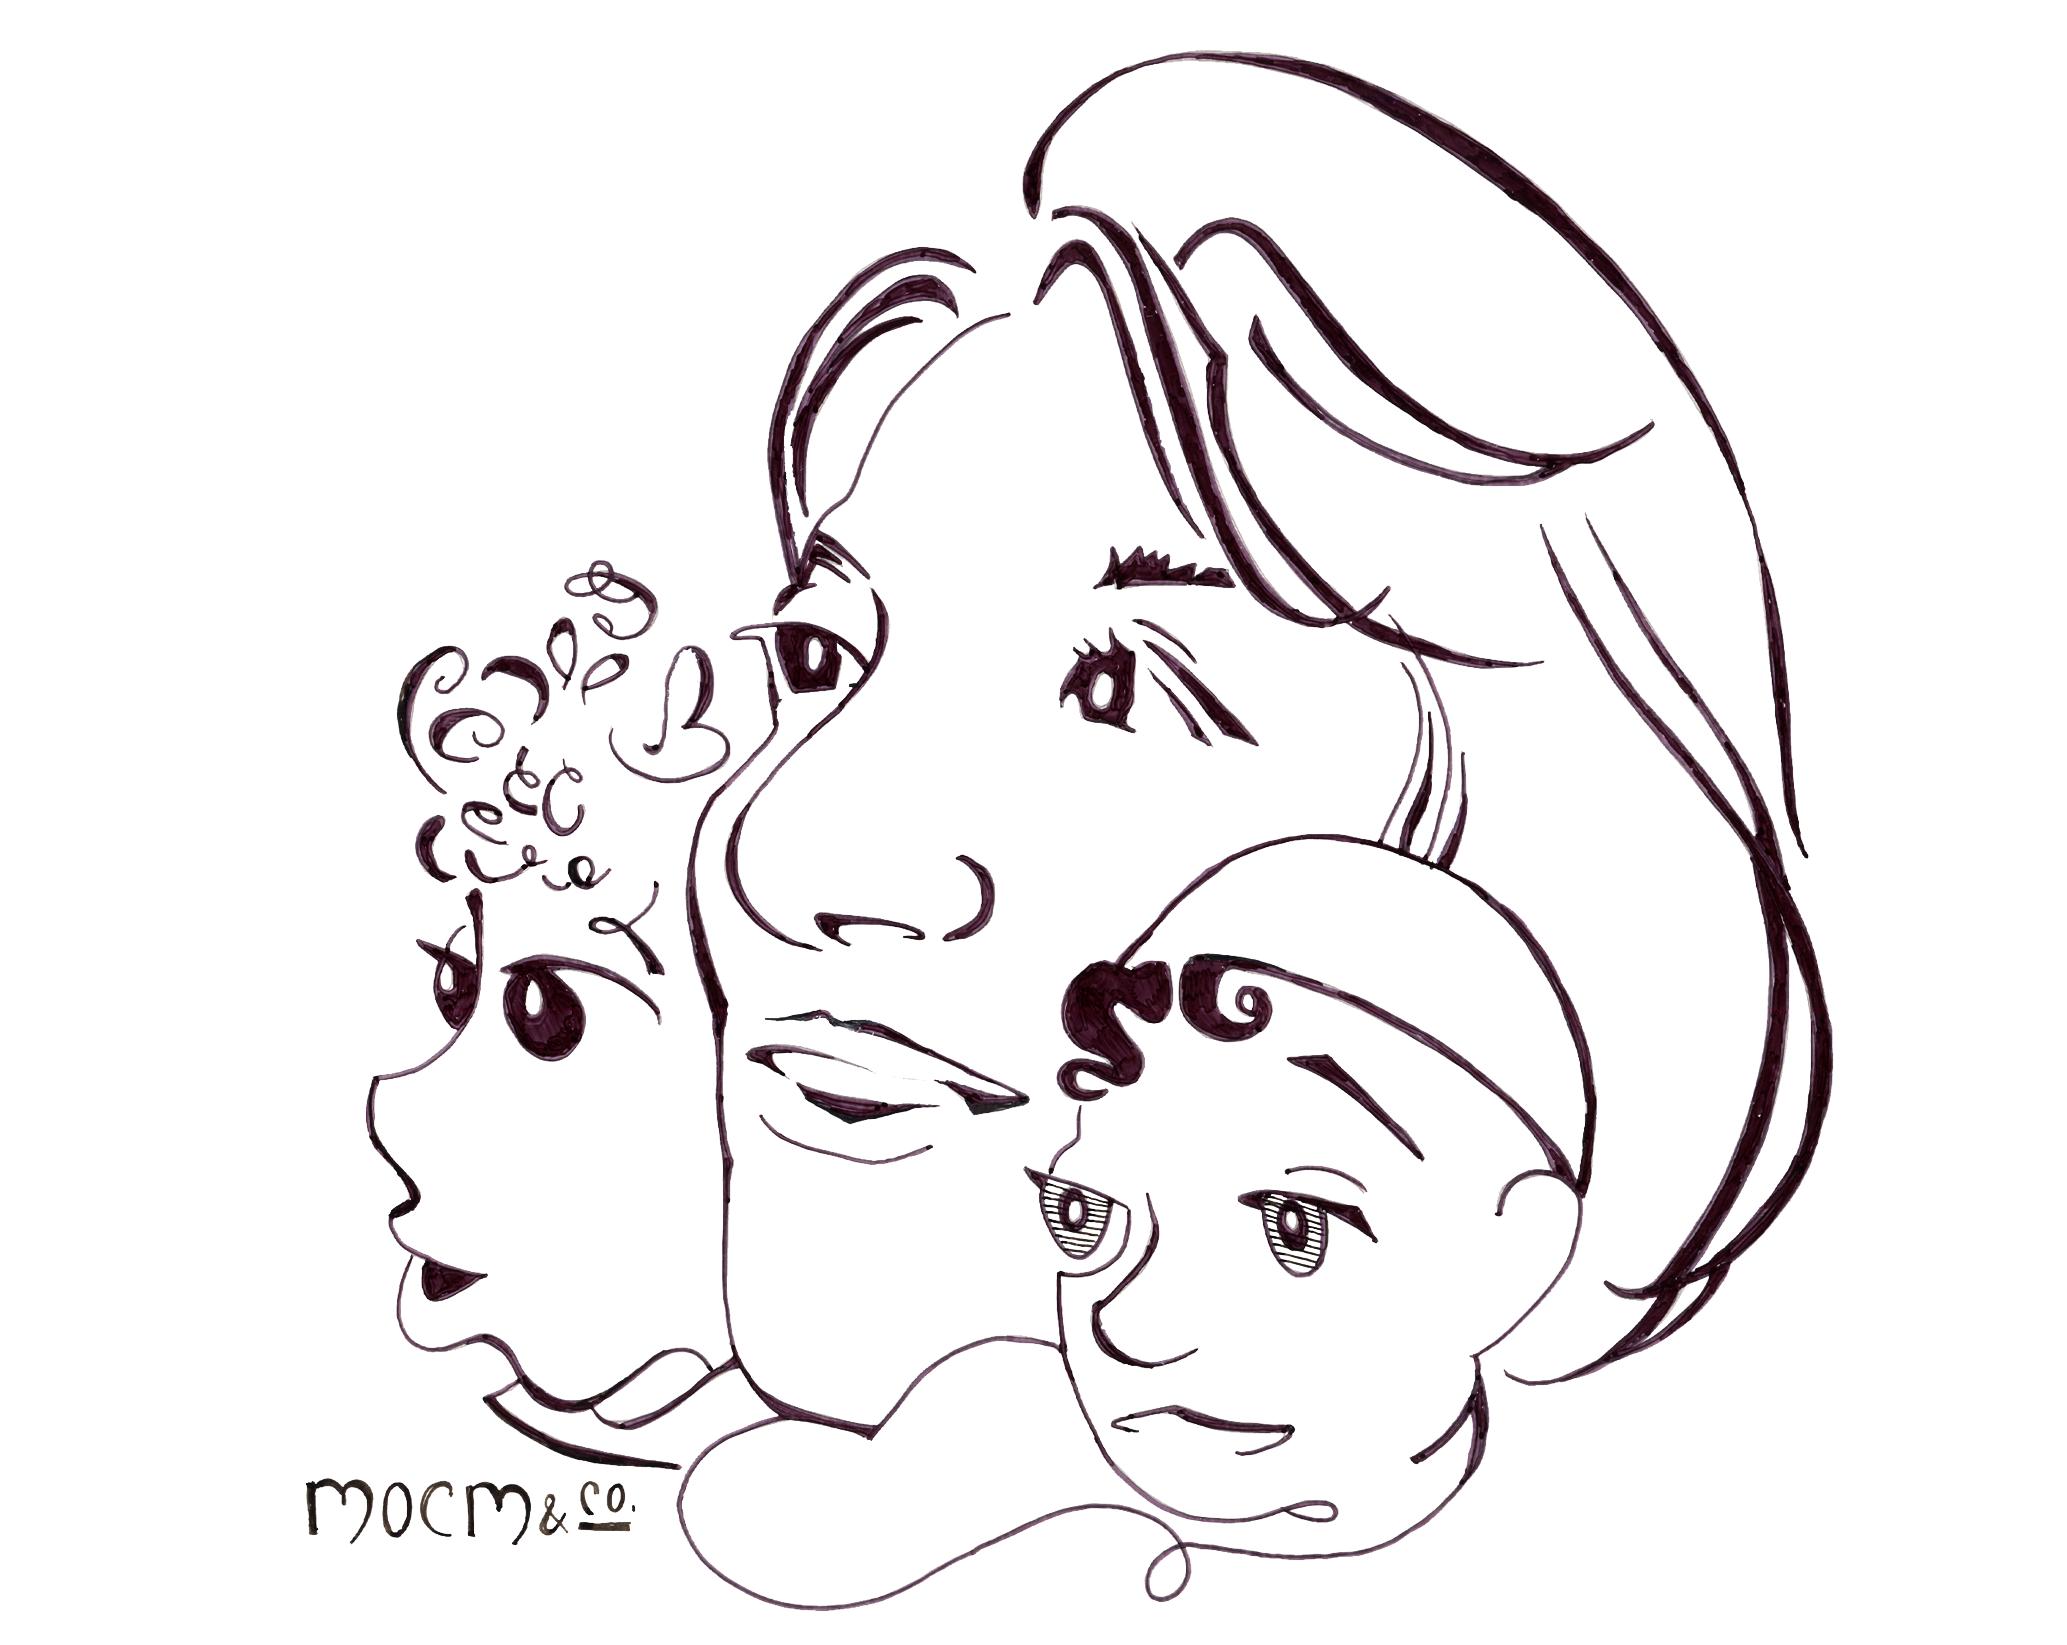 mocm_co_logo.png